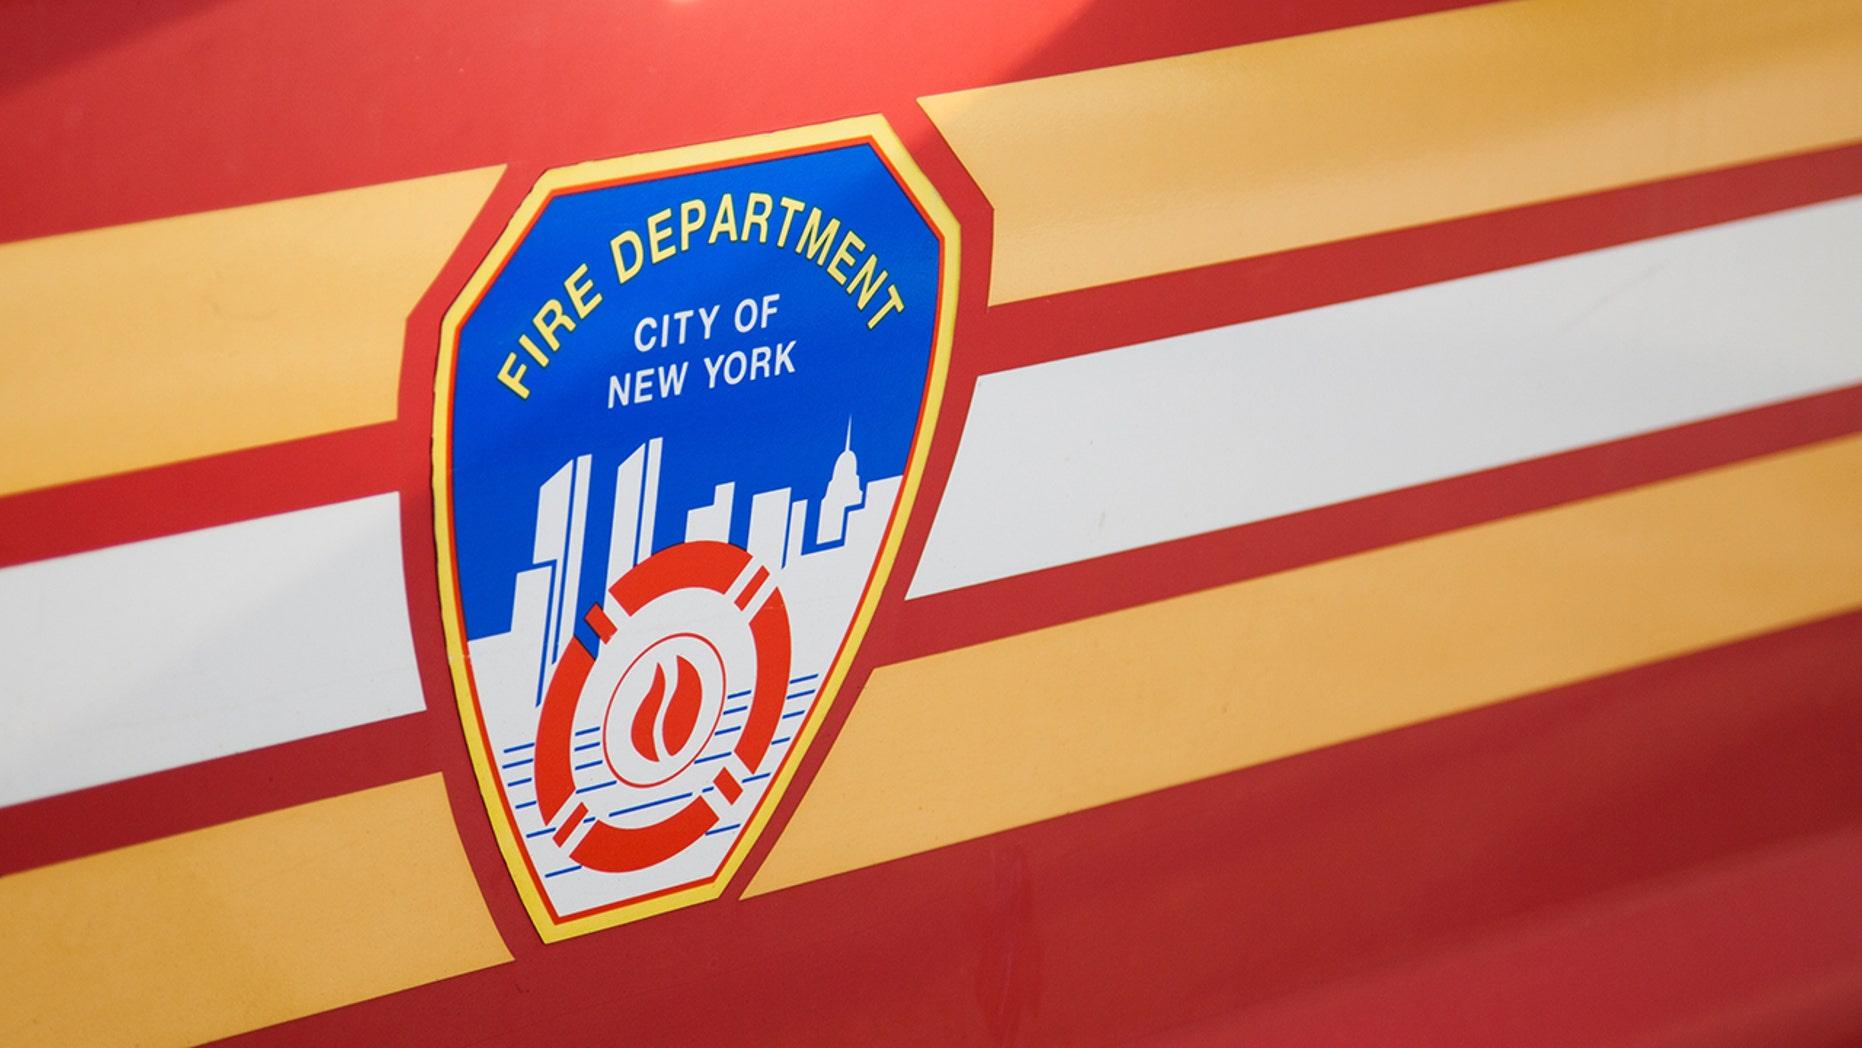 New York City, USA - September 2, 2014: Fire department New York emblem